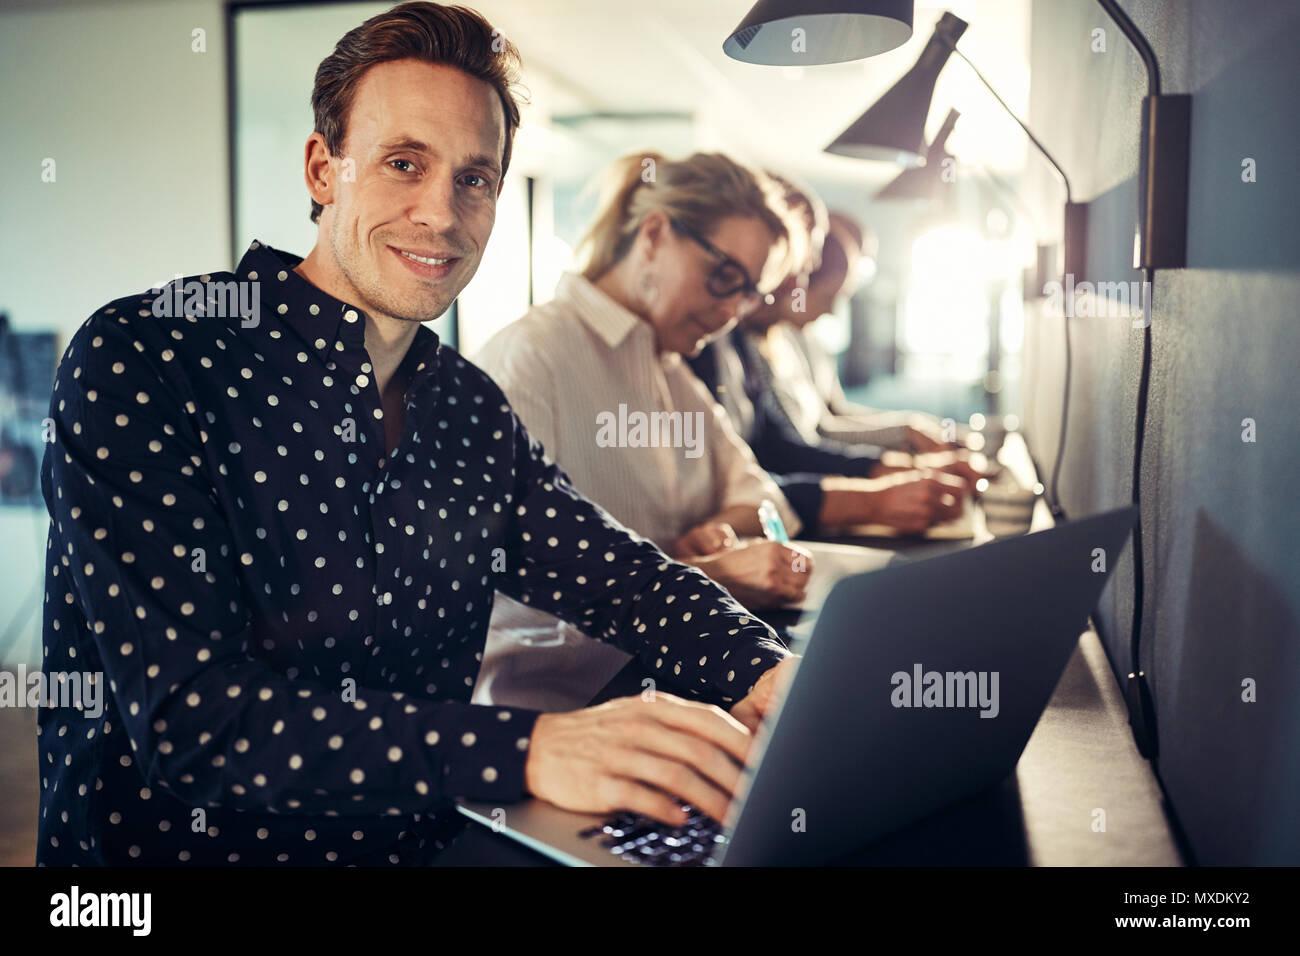 Sorridente giovani designer che lavora su un computer portatile mentre è seduto in una fila con i colleghi a una tabella in un ufficio moderno Immagini Stock